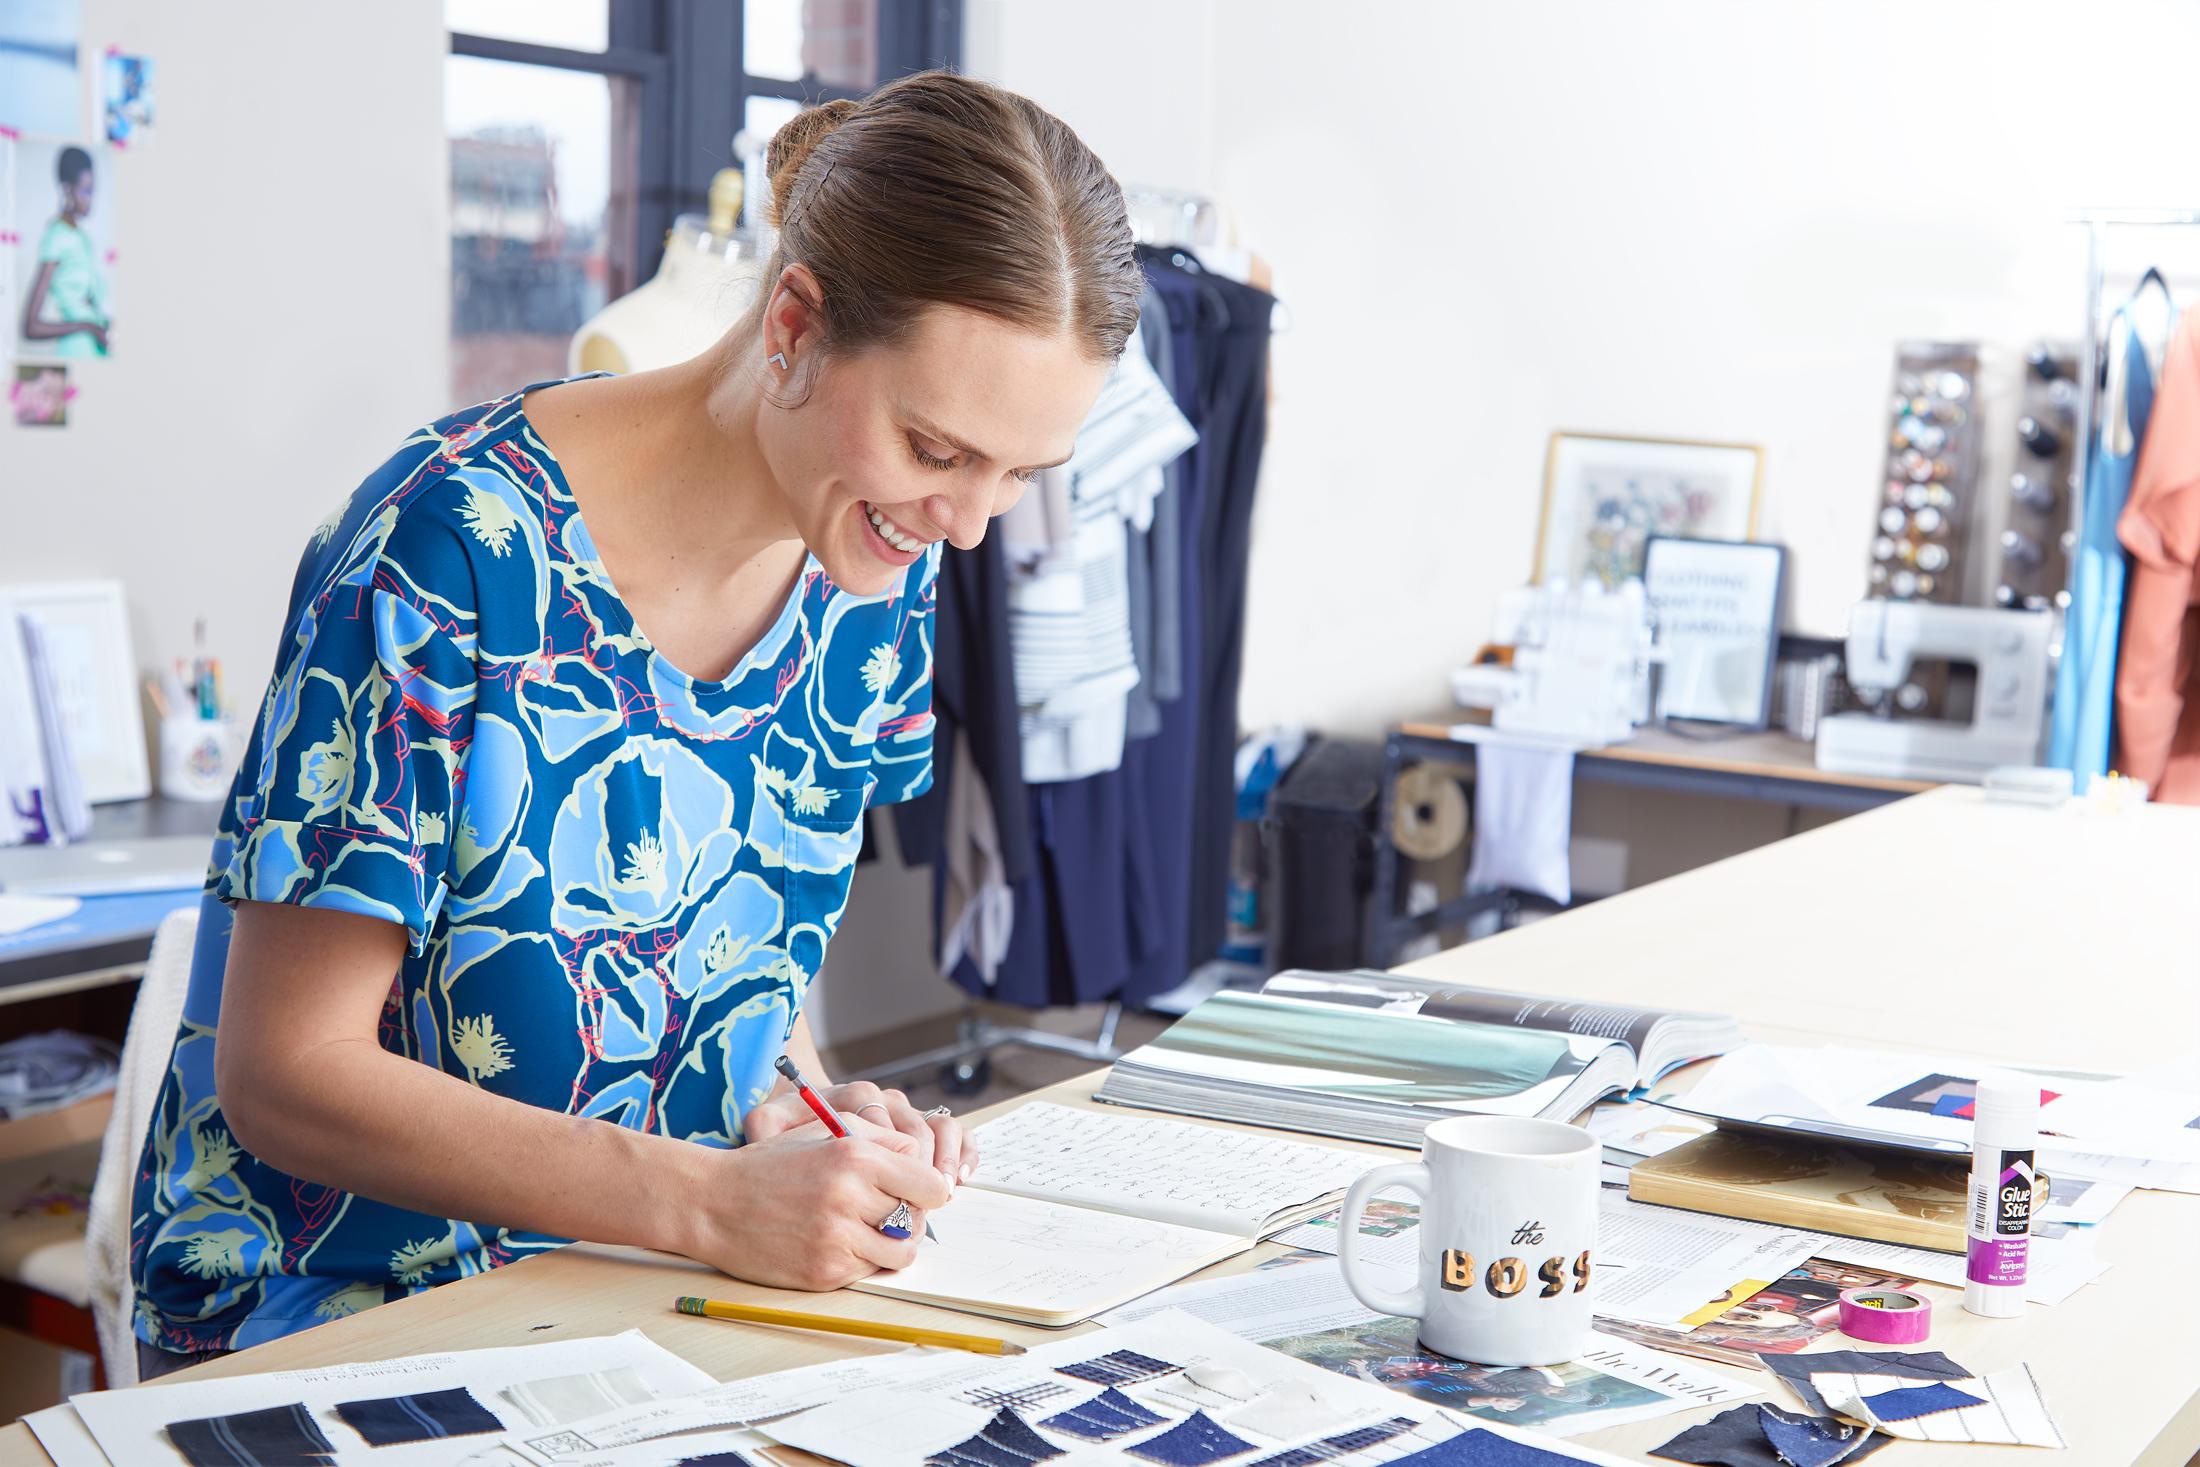 Rebekah Adams of Poppyseed Clothing